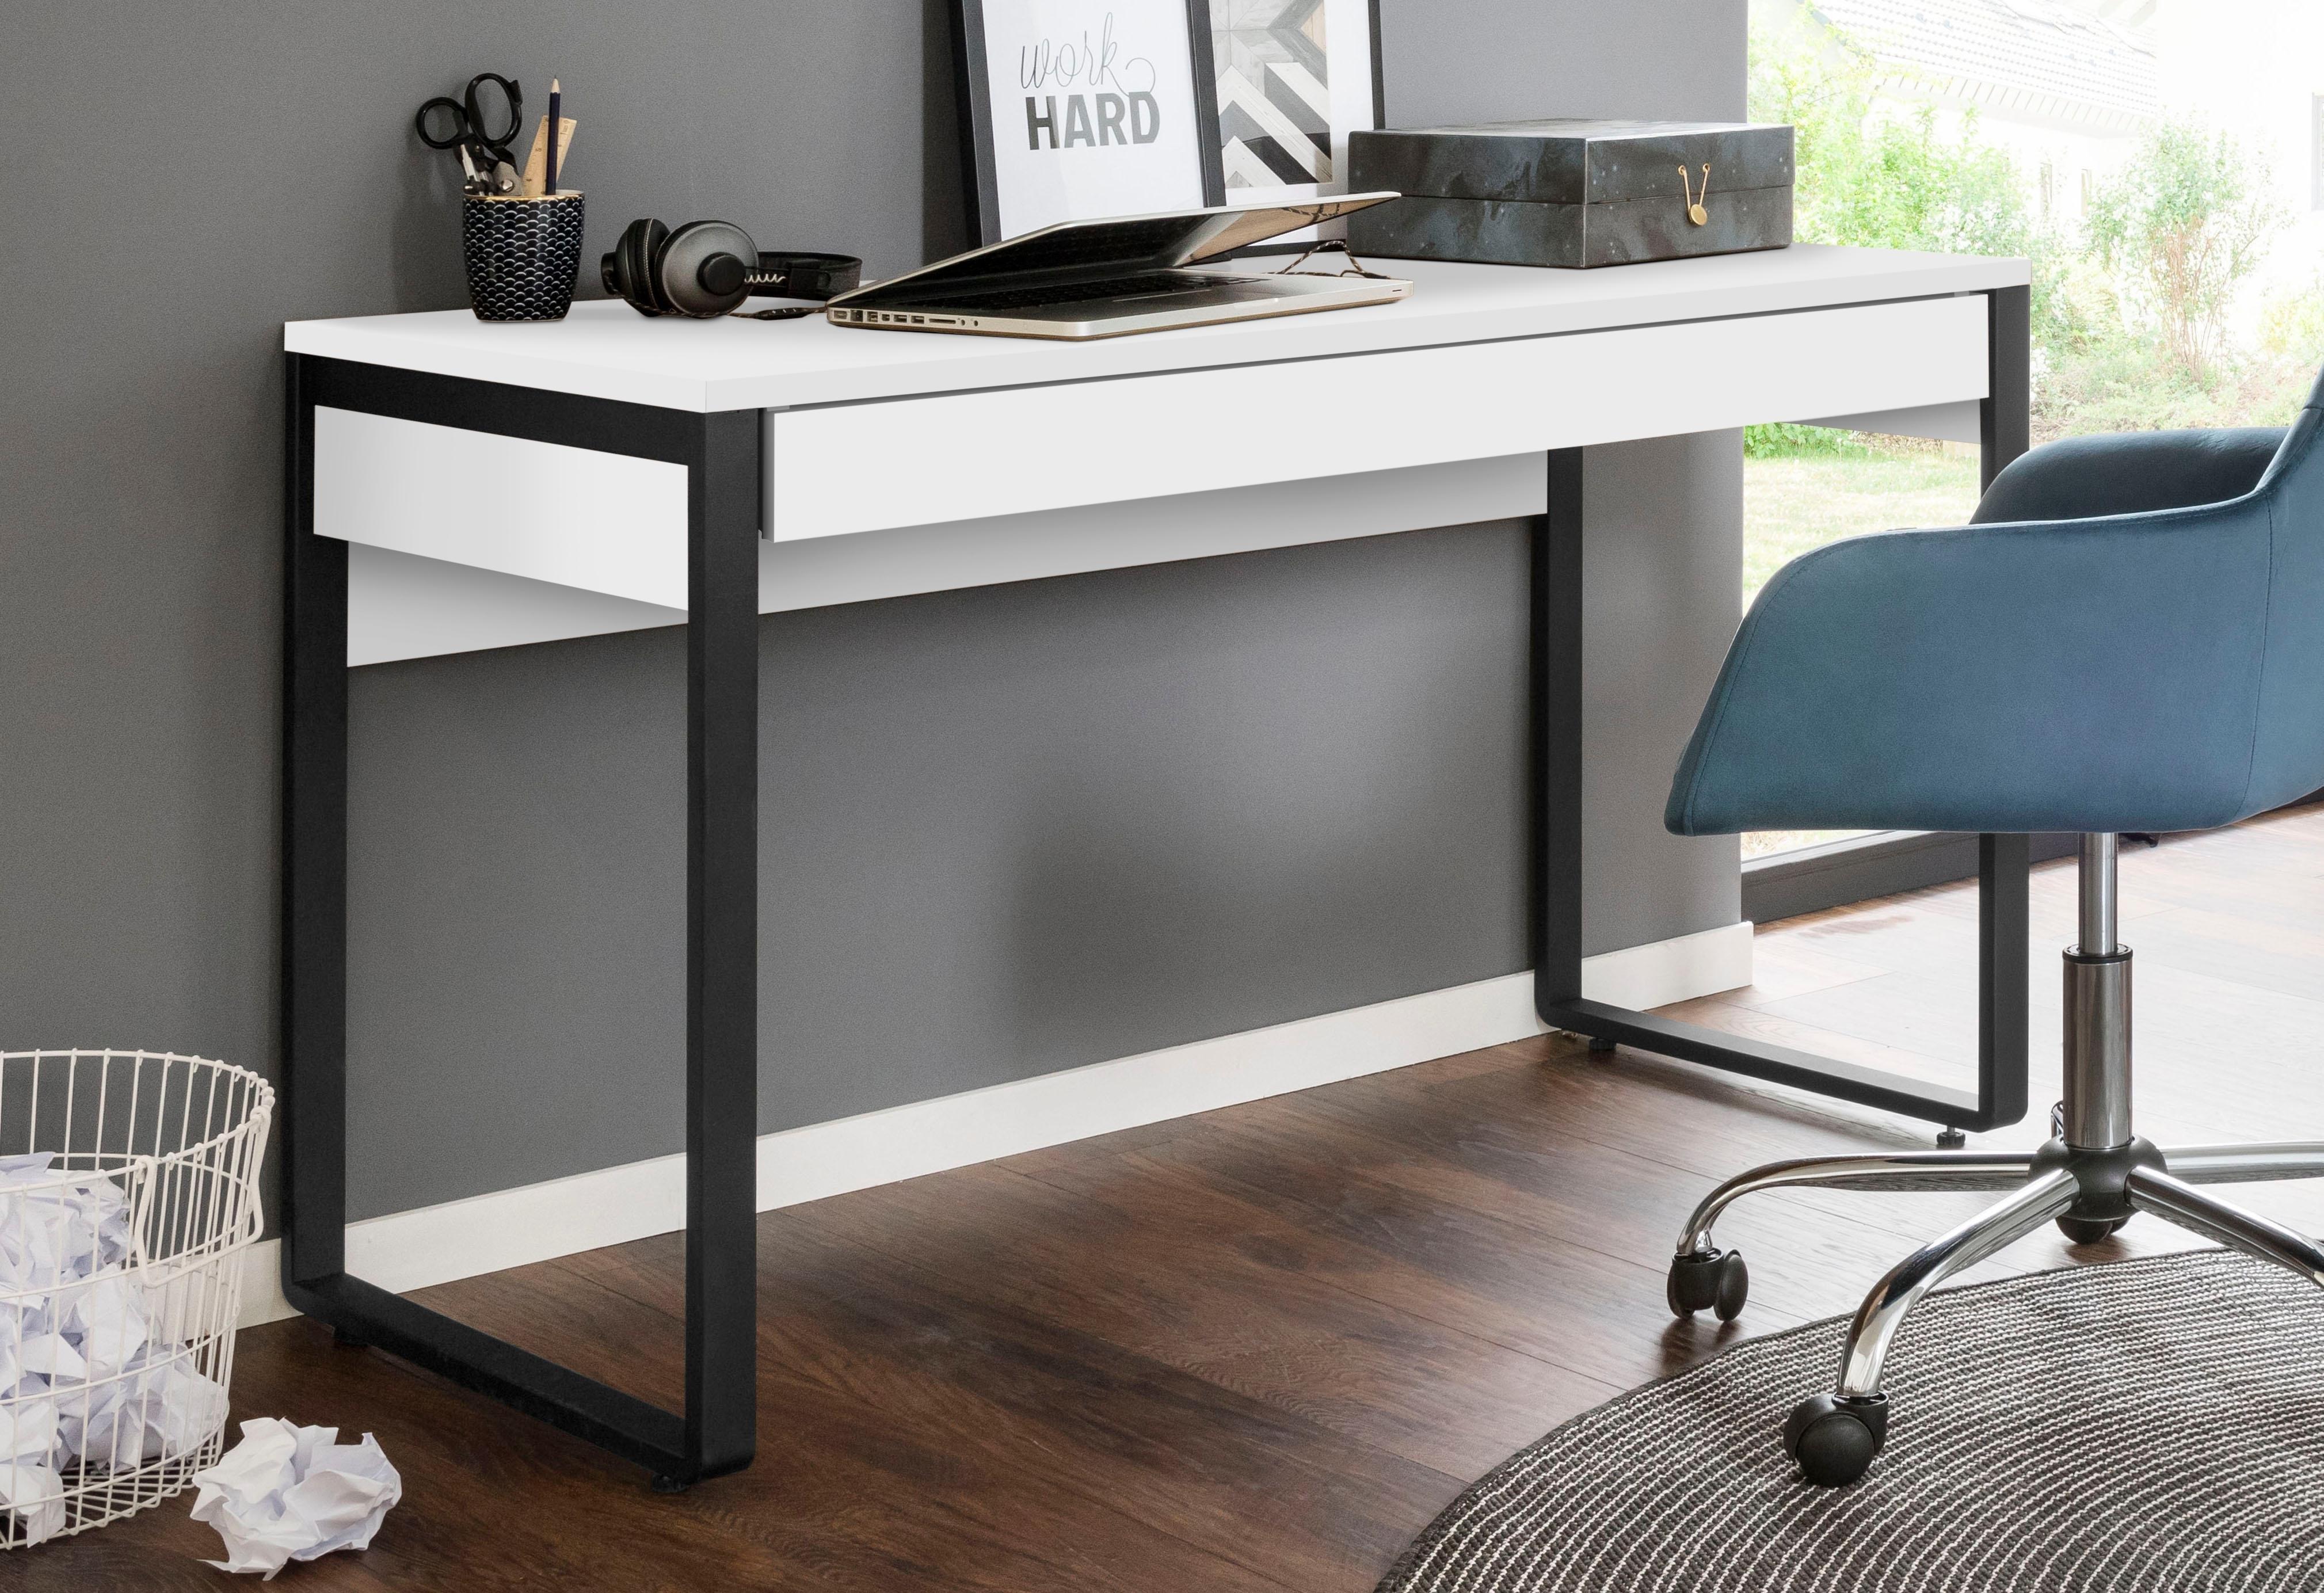 Op zoek naar een Places of Style Bureau Moid Breedte 120 cm? Koop online bij OTTO